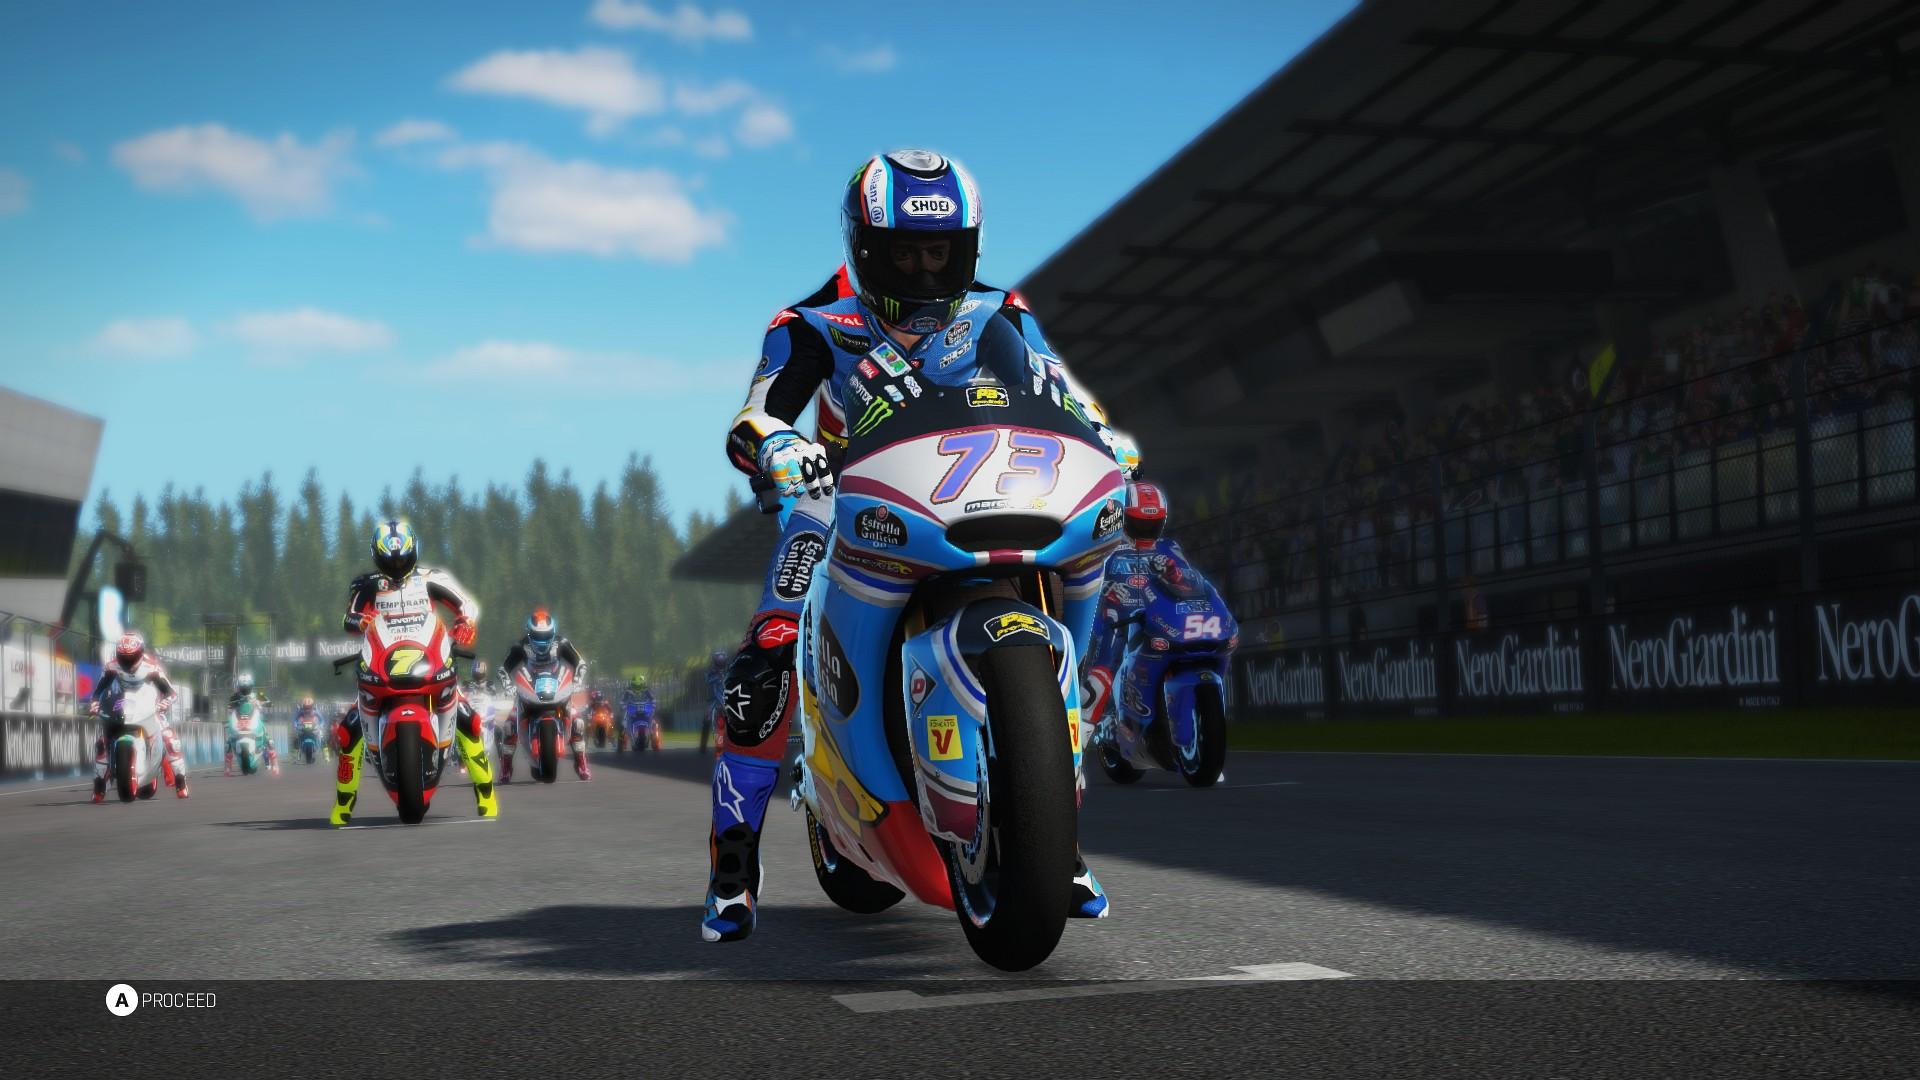 MotoGP 17 ‒ nejlepší svého druhu 146438